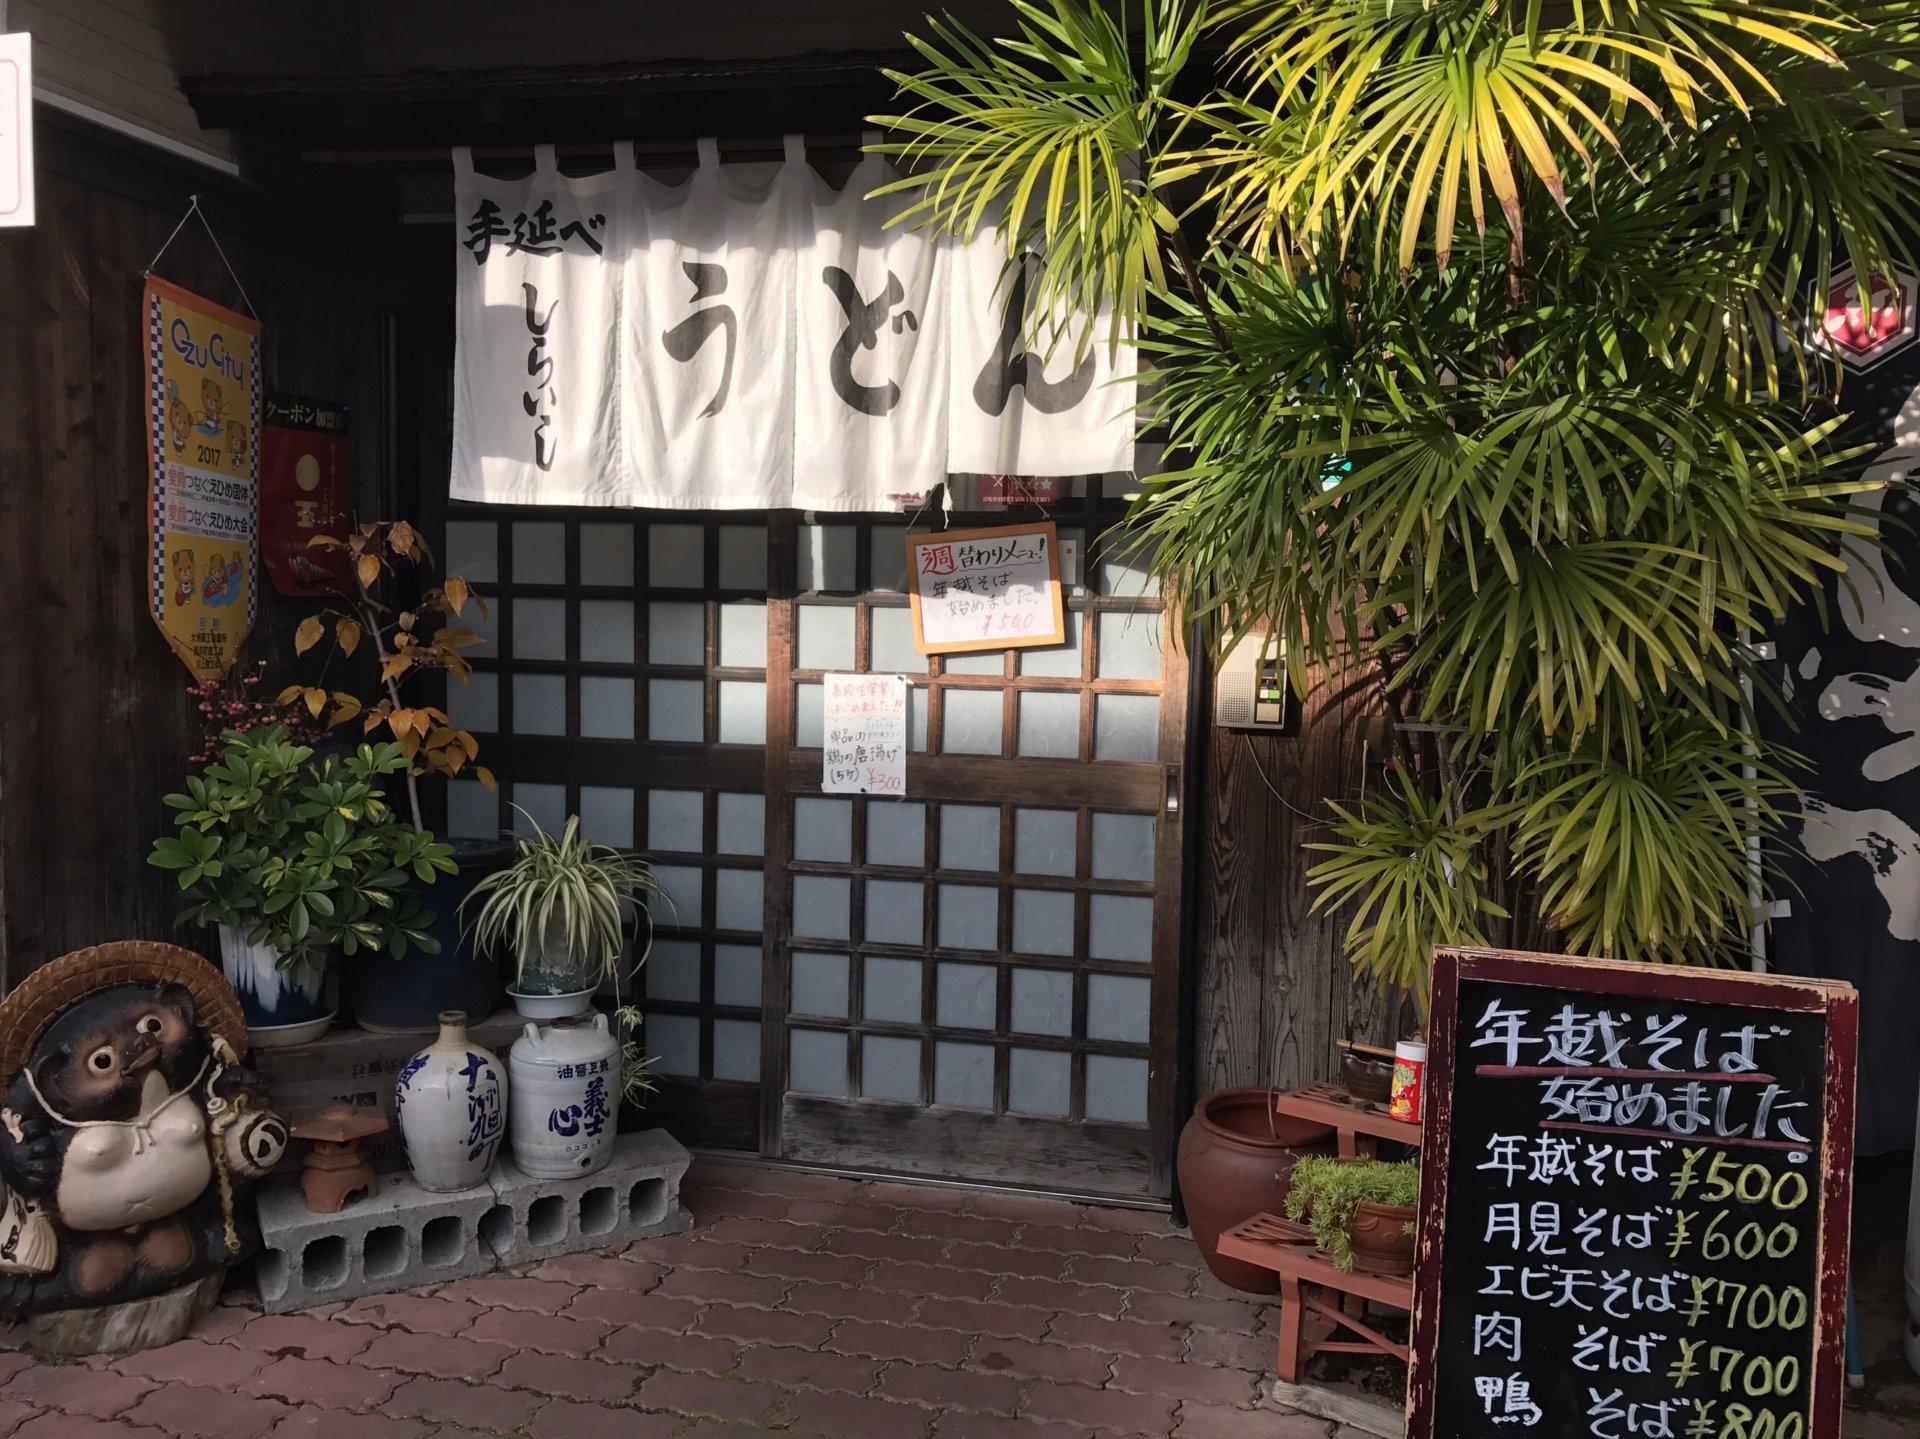 うどん屋の「中華そば」がうまい!大洲にある老舗「白石うどん」に潜入!